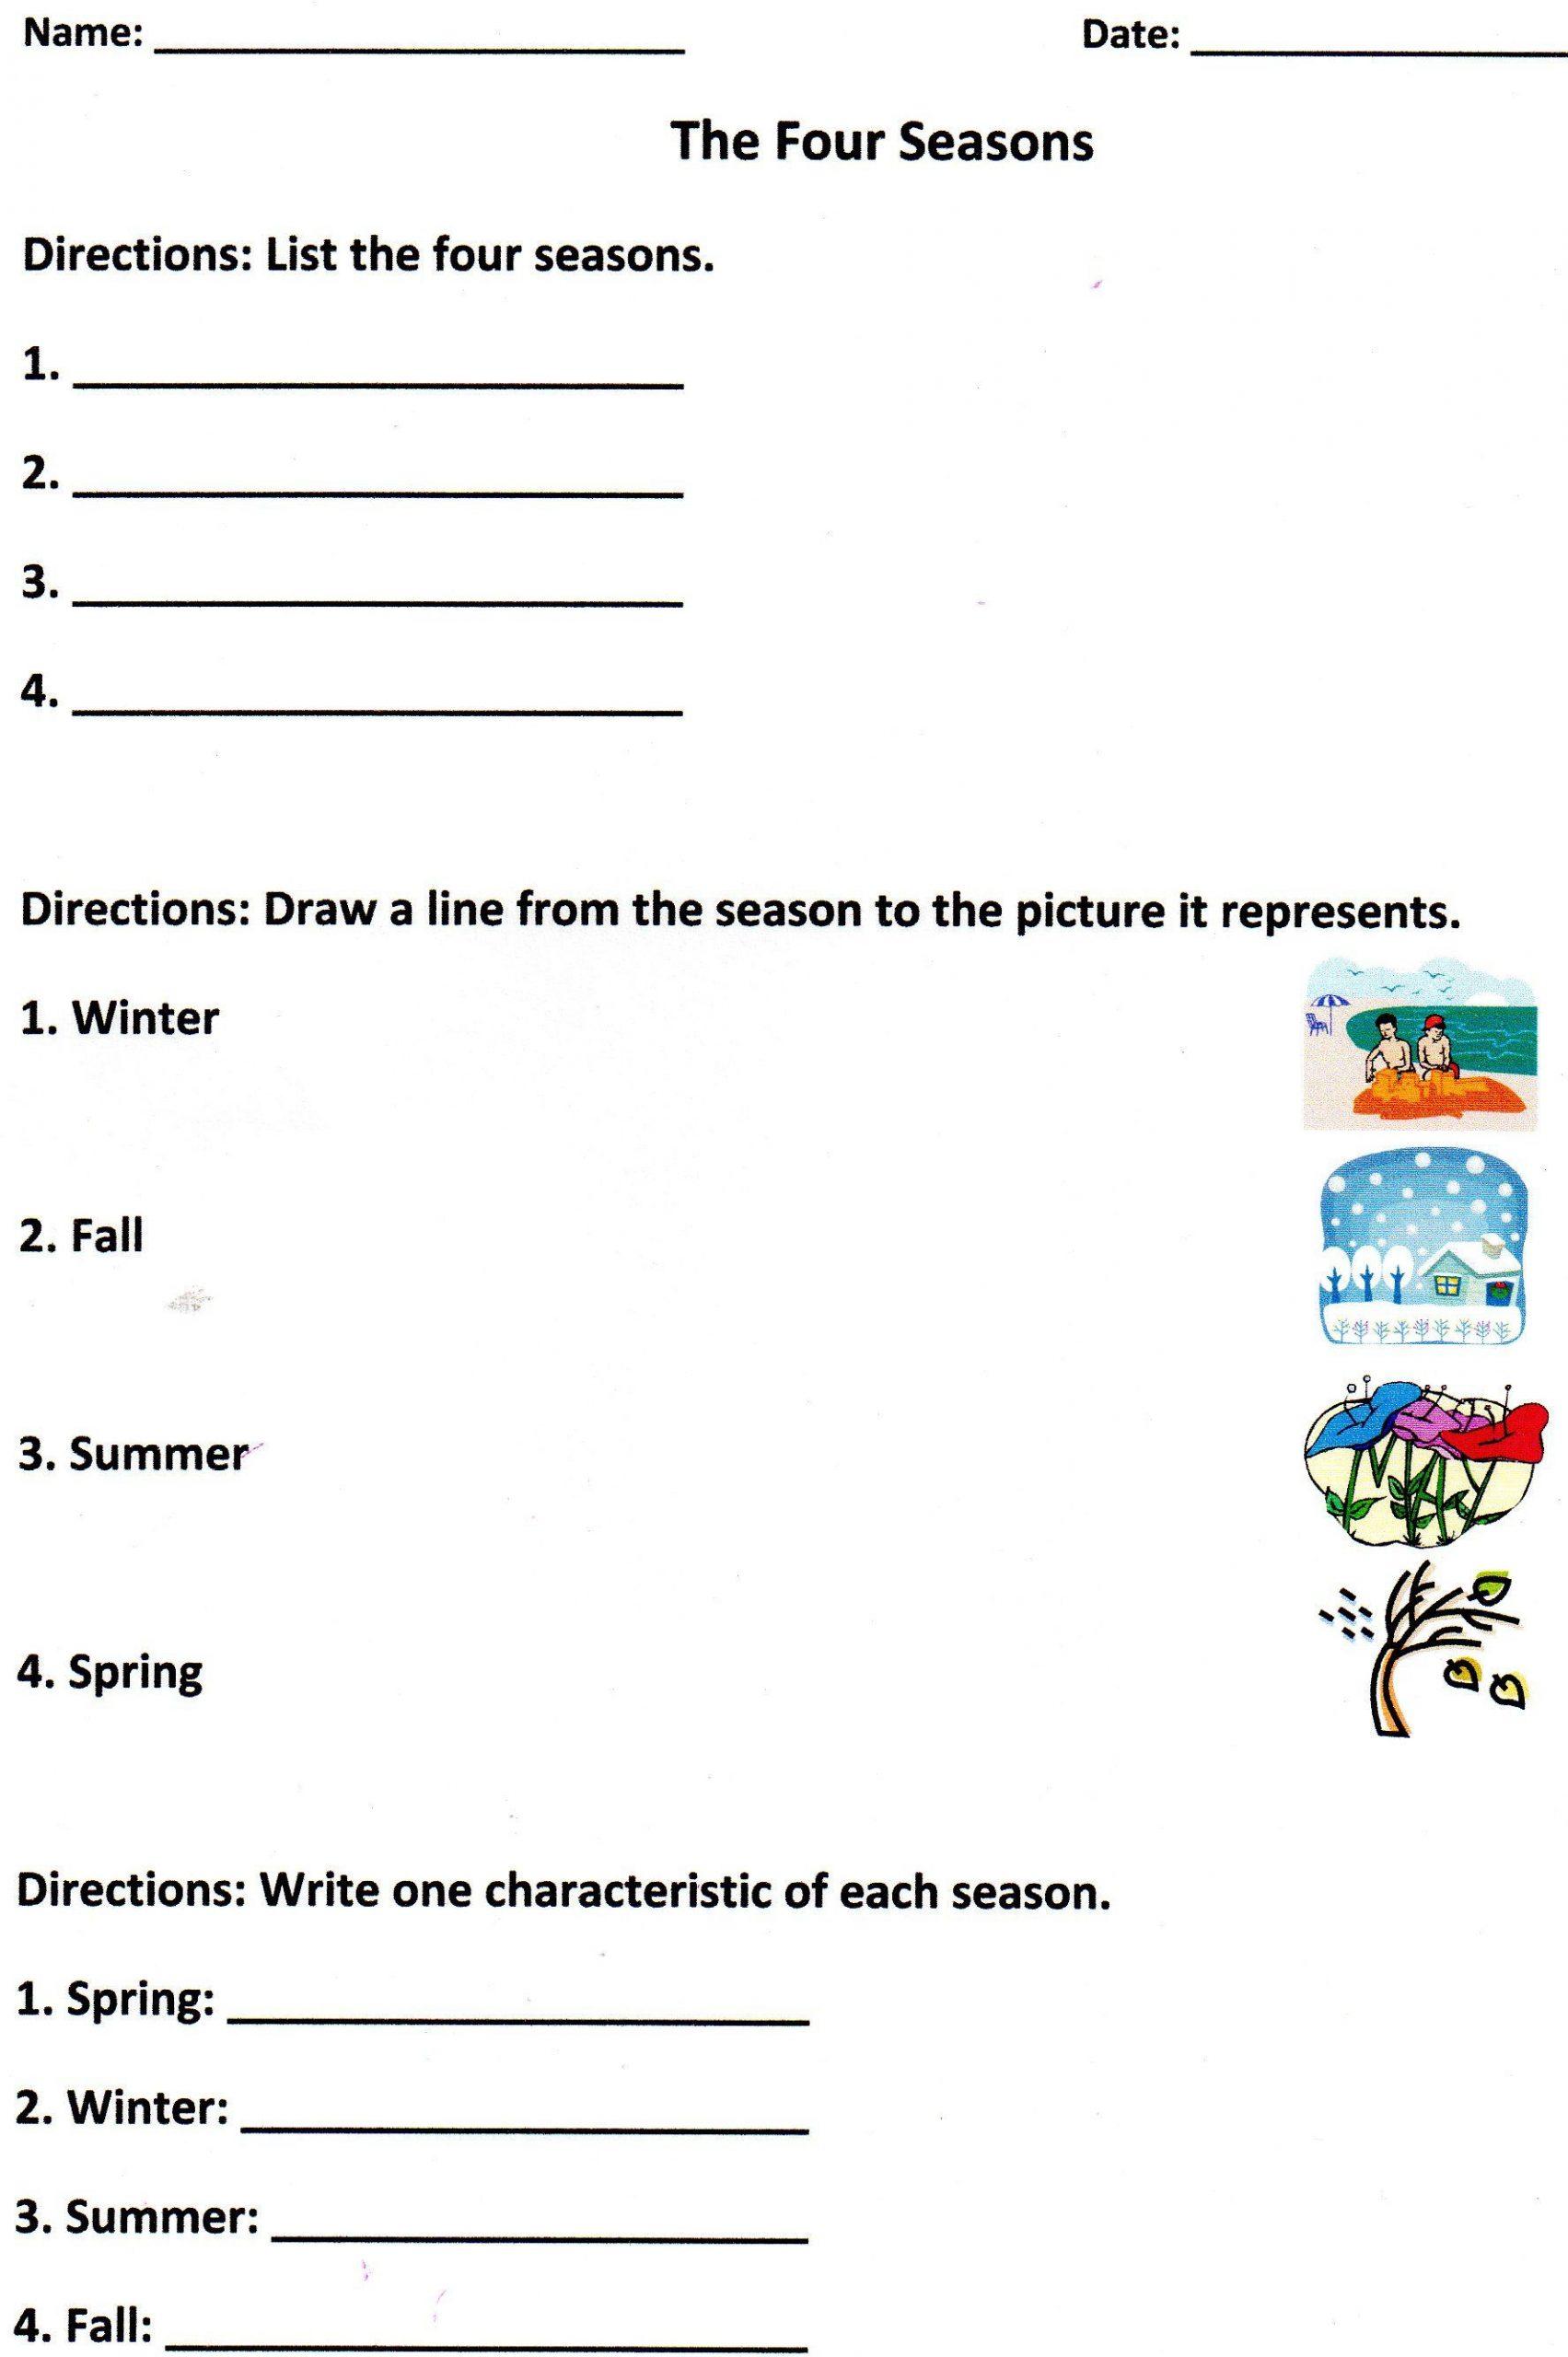 Science Worksheet for 1st Grade the Four Seasons assessment for K 1